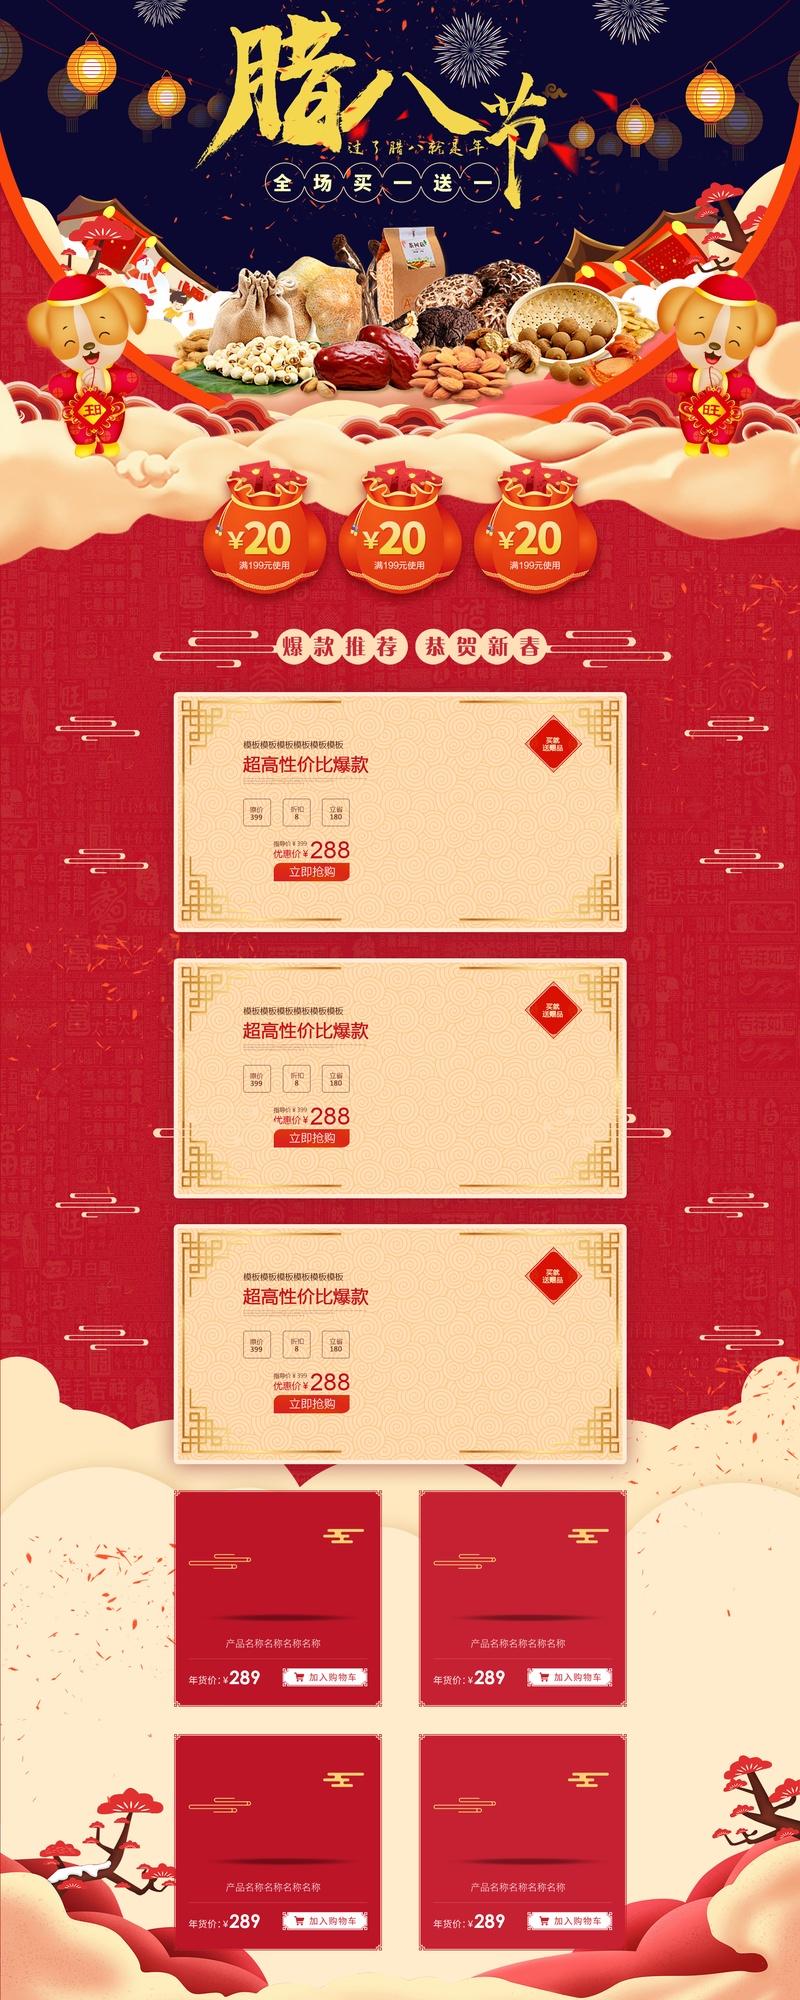 2018腊八节年货节首页psd模板